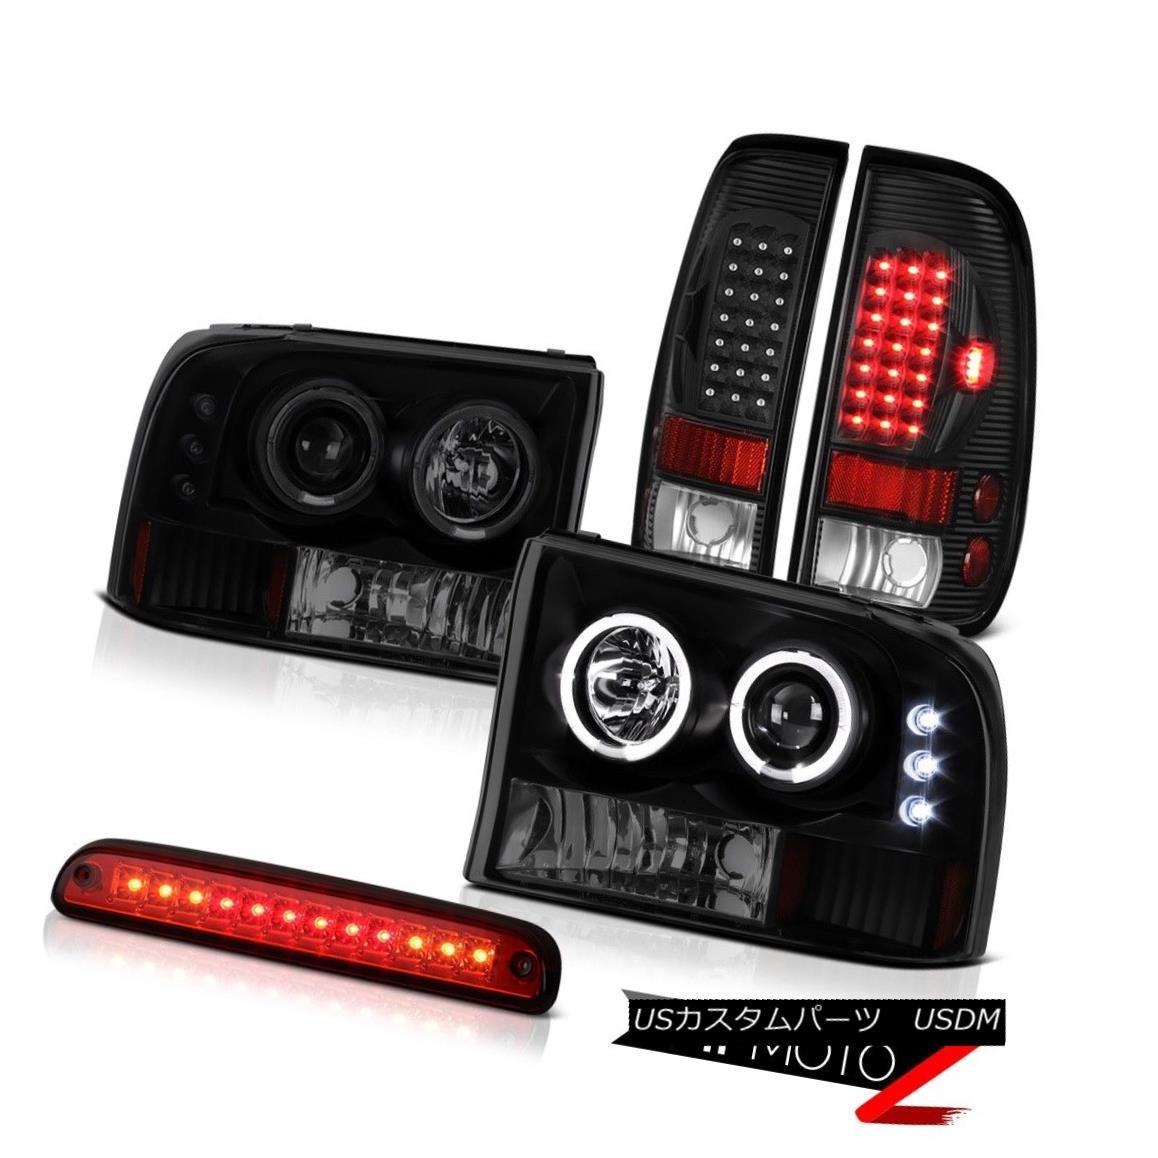 テールライト Halor Headlight High Stop LED Red SMD TailLight Black 99 00 01 02 03 04 F350 XLT ハローヘッドライトハイストップLEDレッドSMDテールライトブラック99 00 01 02 03 04 F350 XLT